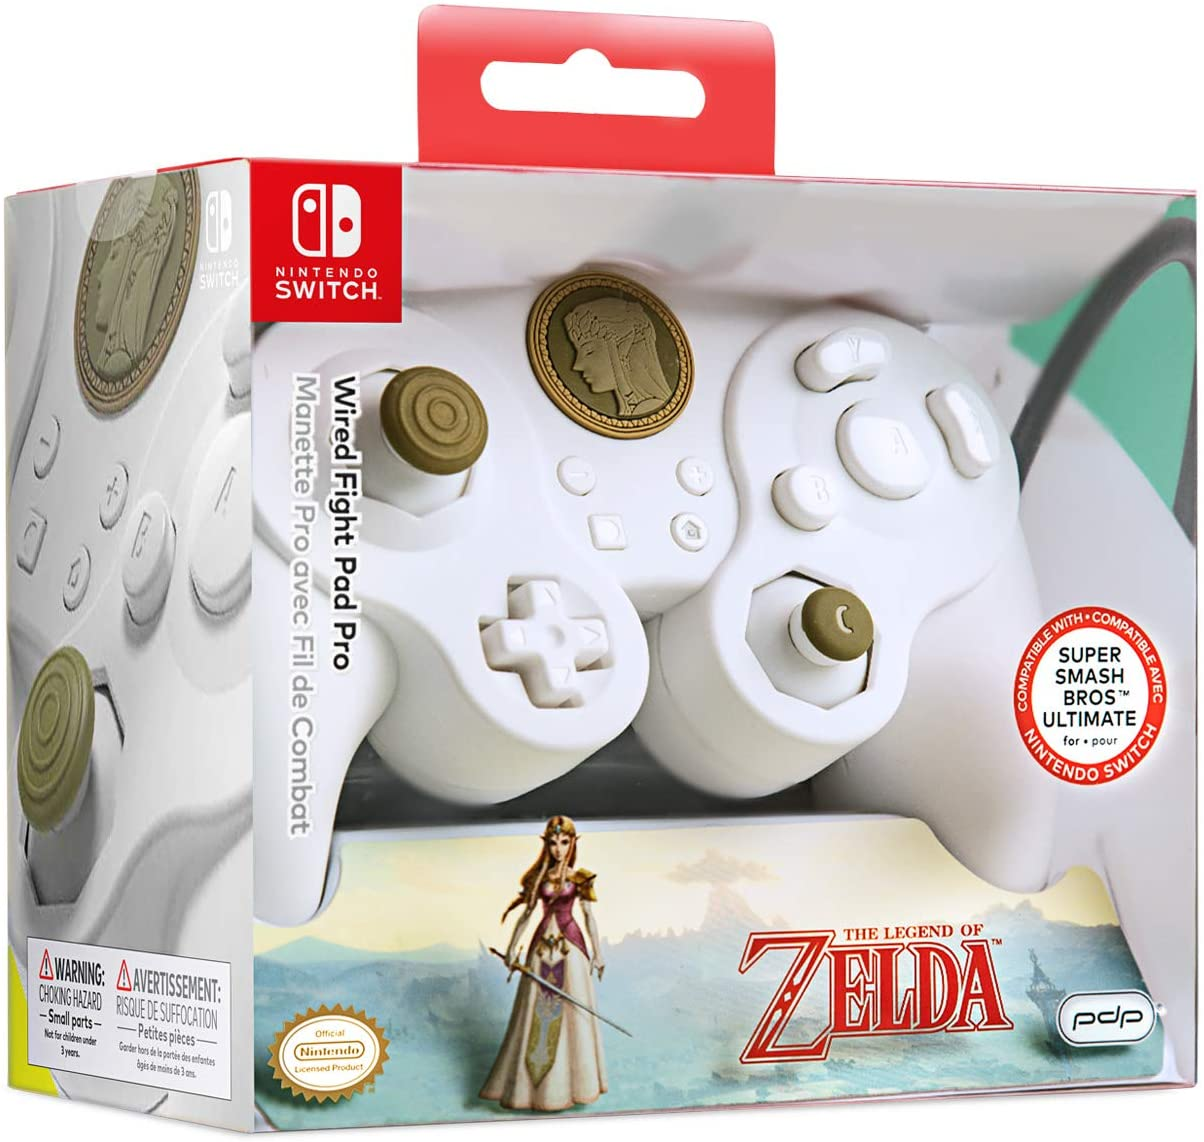 遊戲手柄任天堂 Nintendo Switch 有線游戲手柄PDP